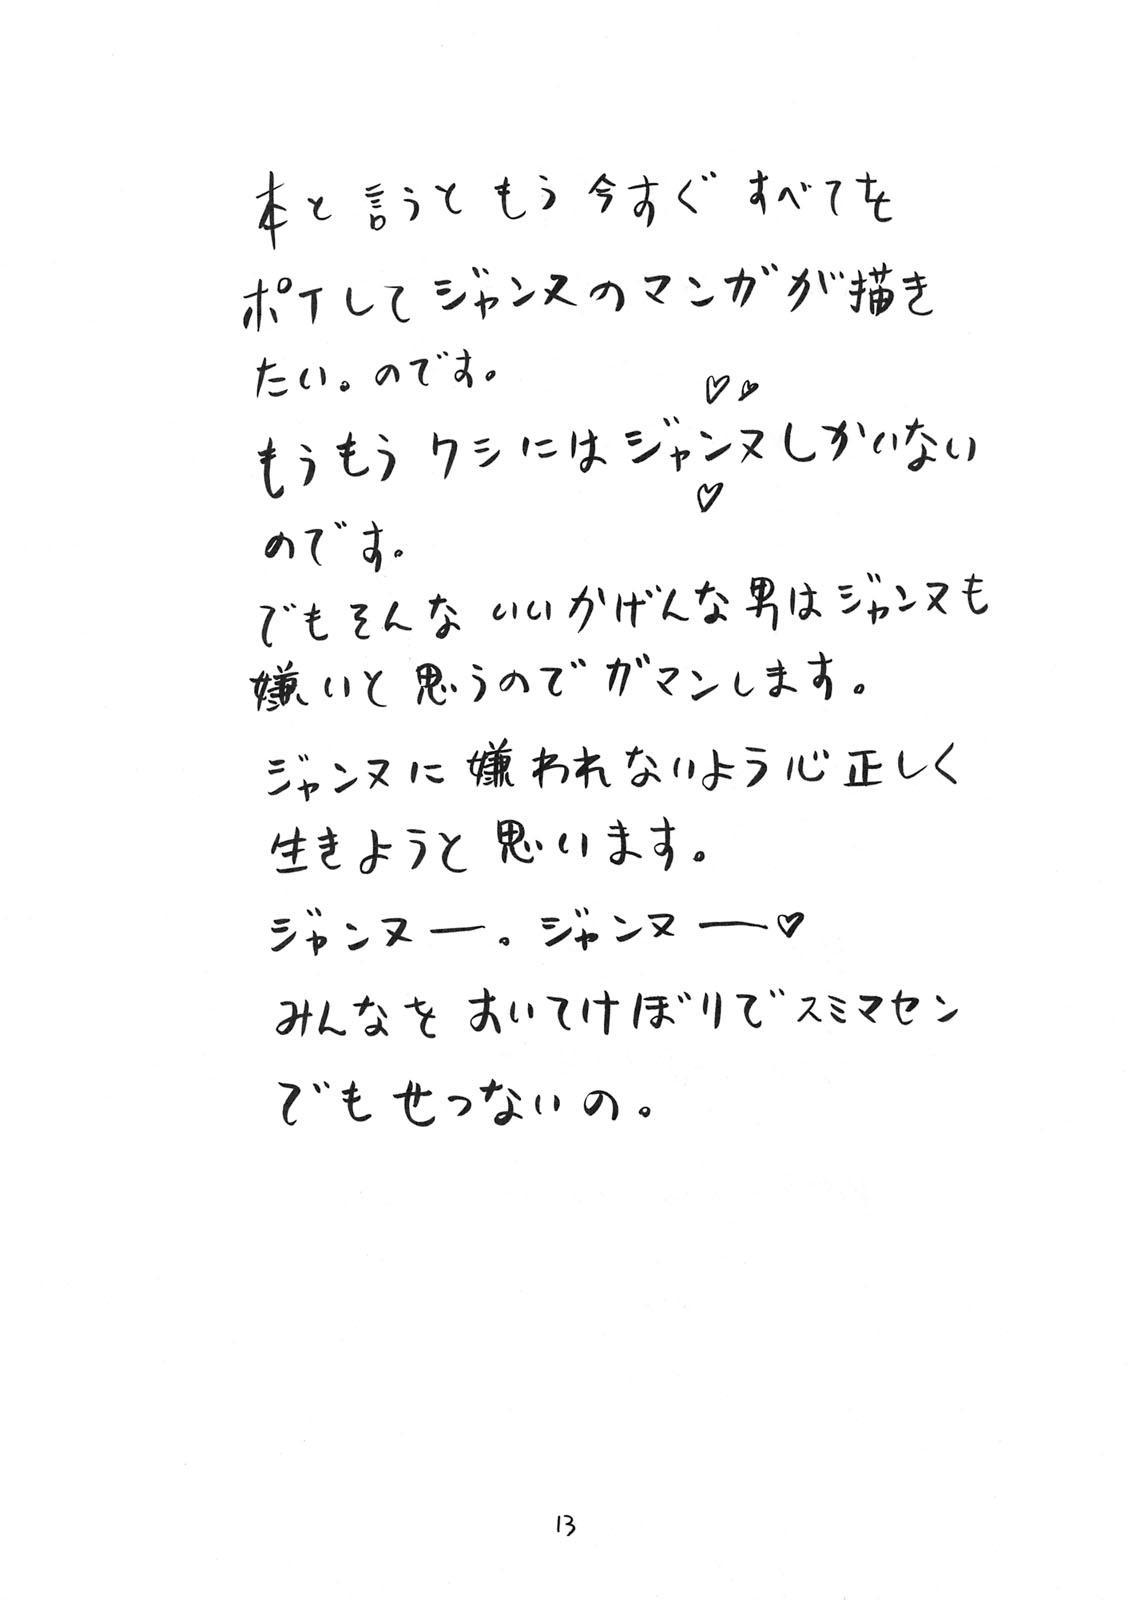 mayaonaka ni tengoku kara ero manga ke shibou no jannu-daruku ga yatteki te chiku 35 11